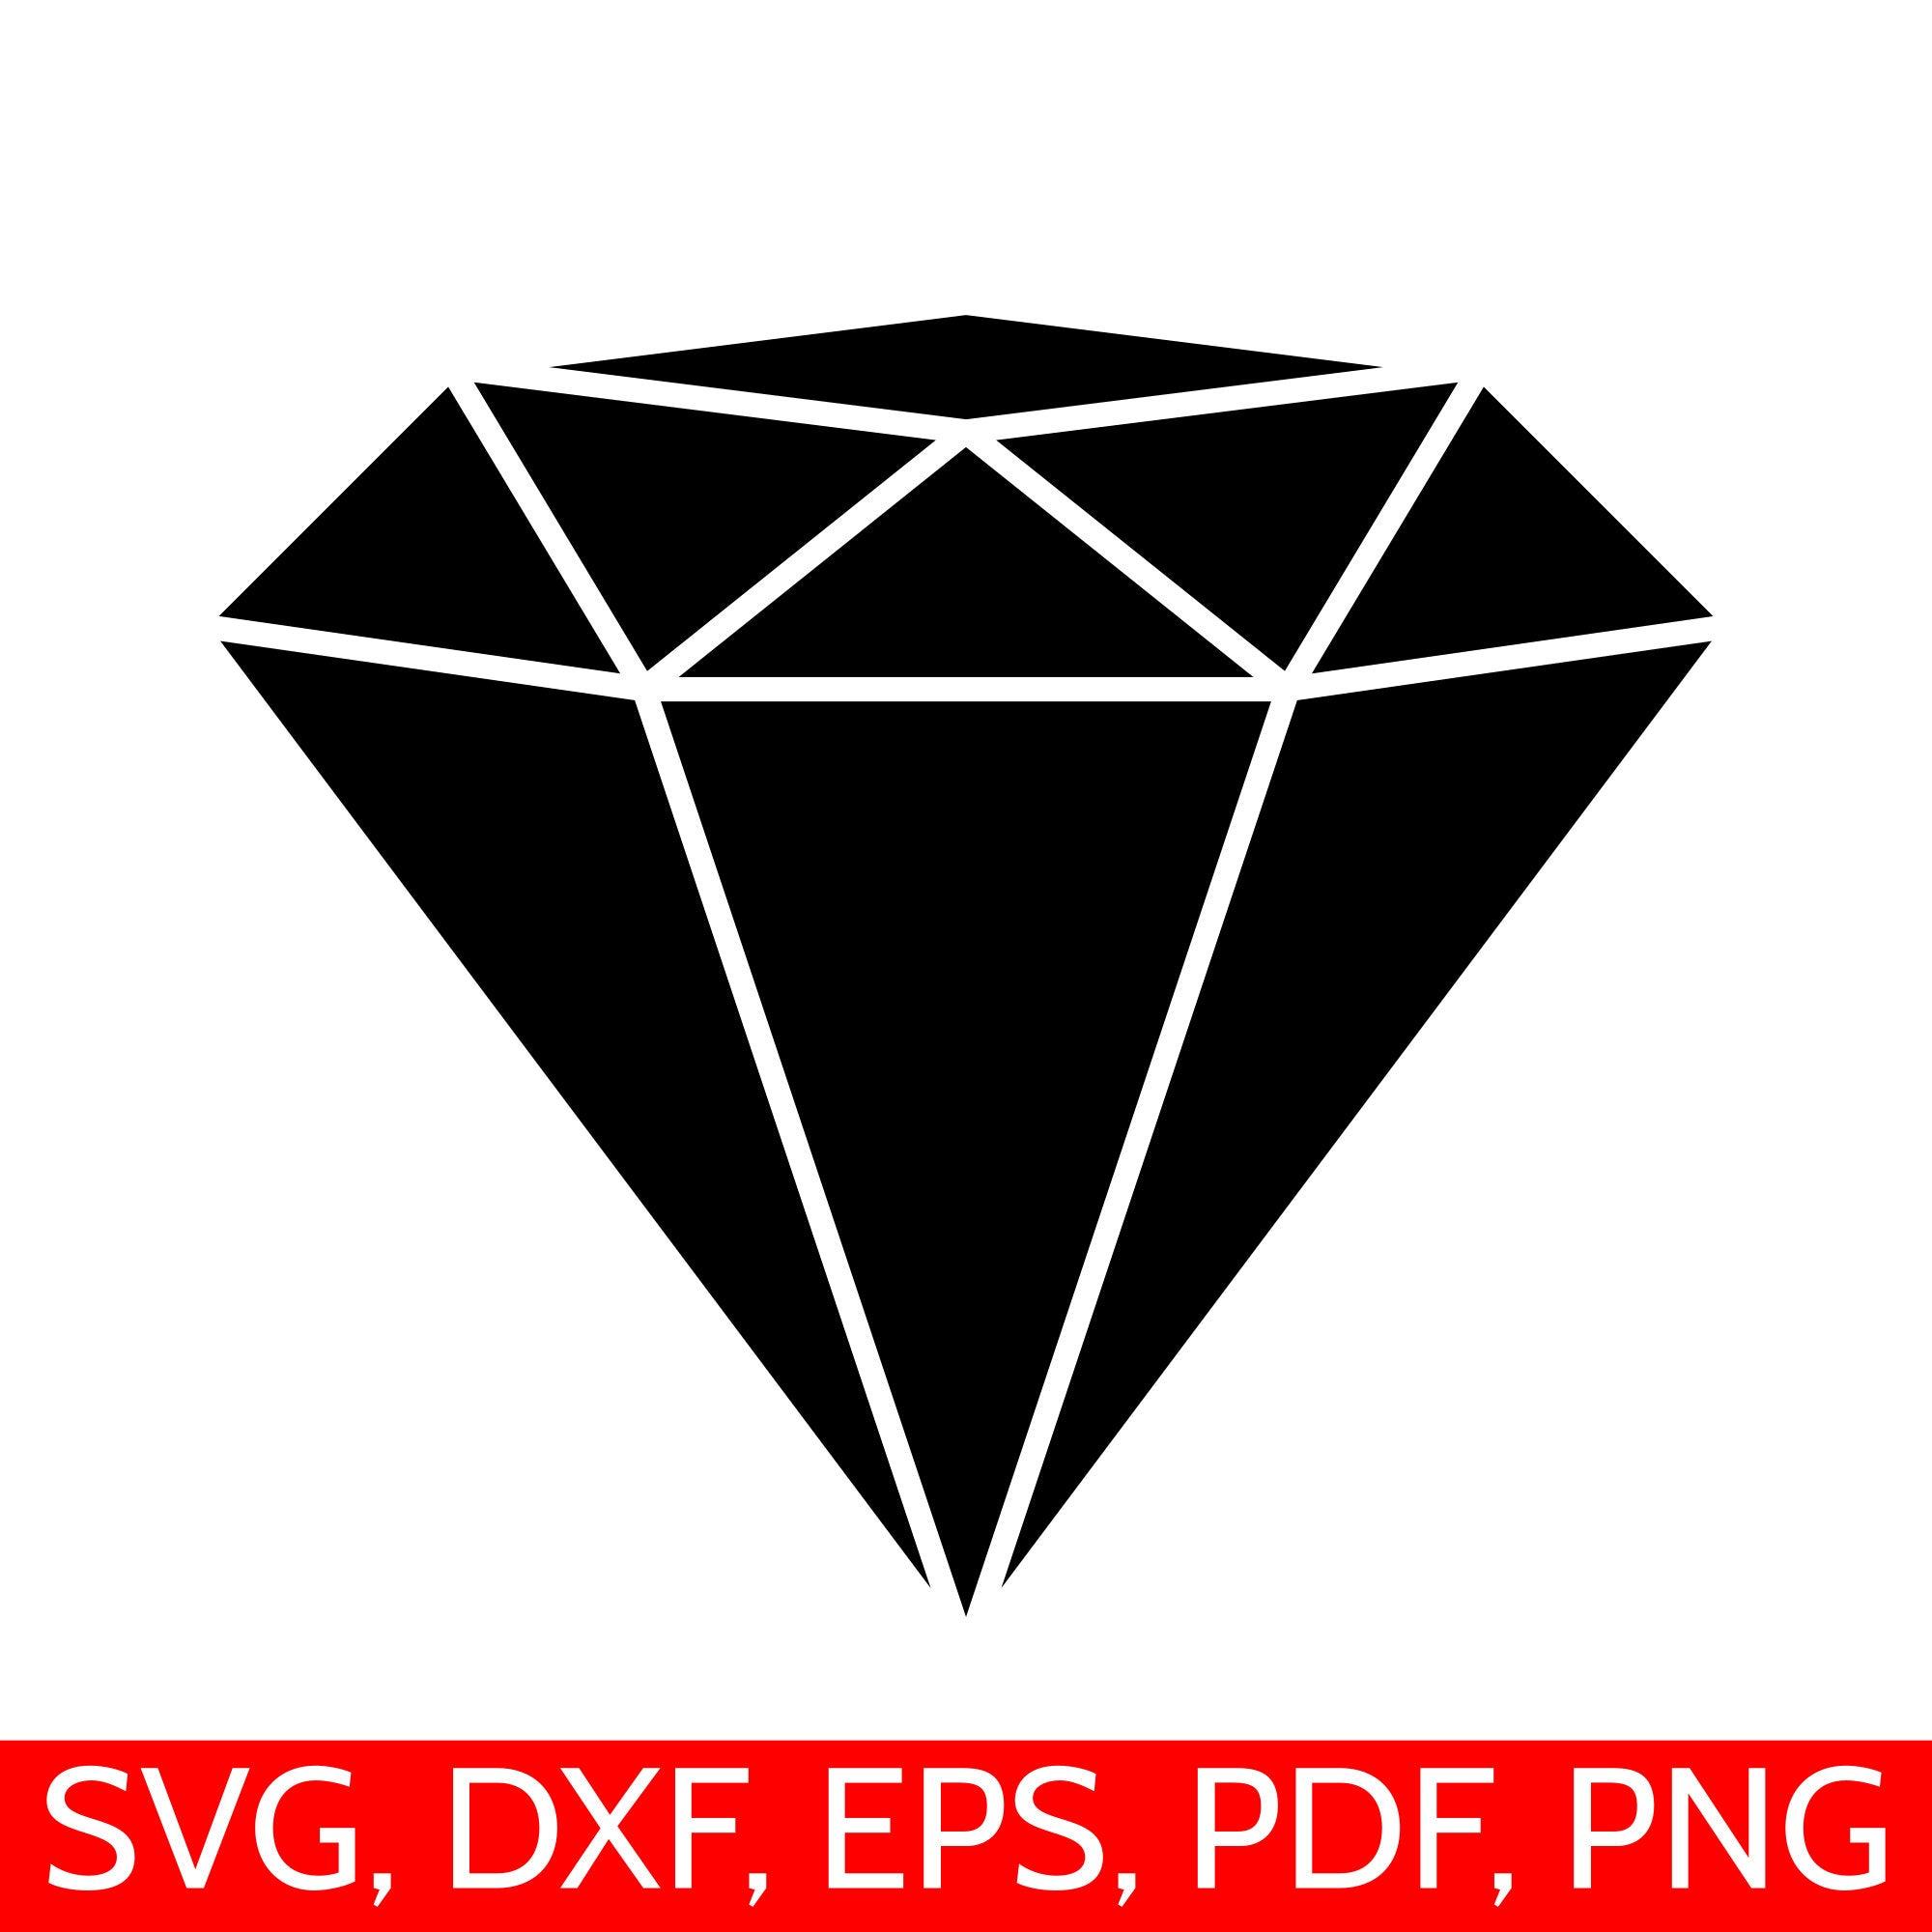 Diamond SVG file, black diamond silhouette.